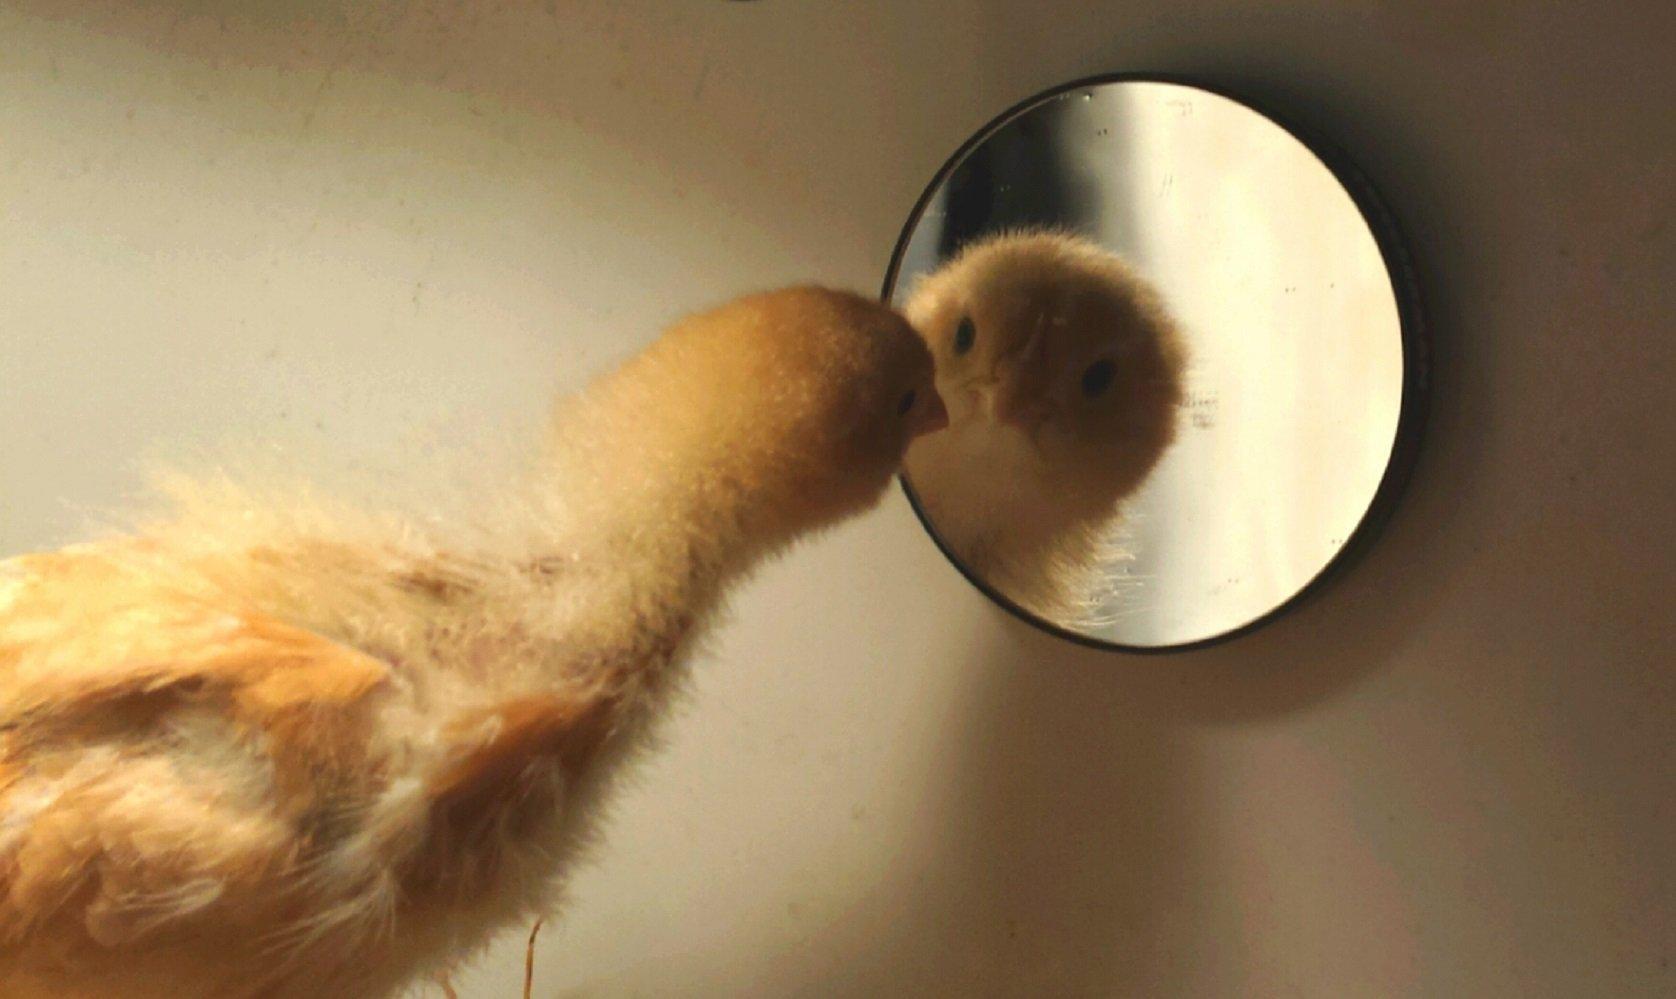 წიწილა სარკეში